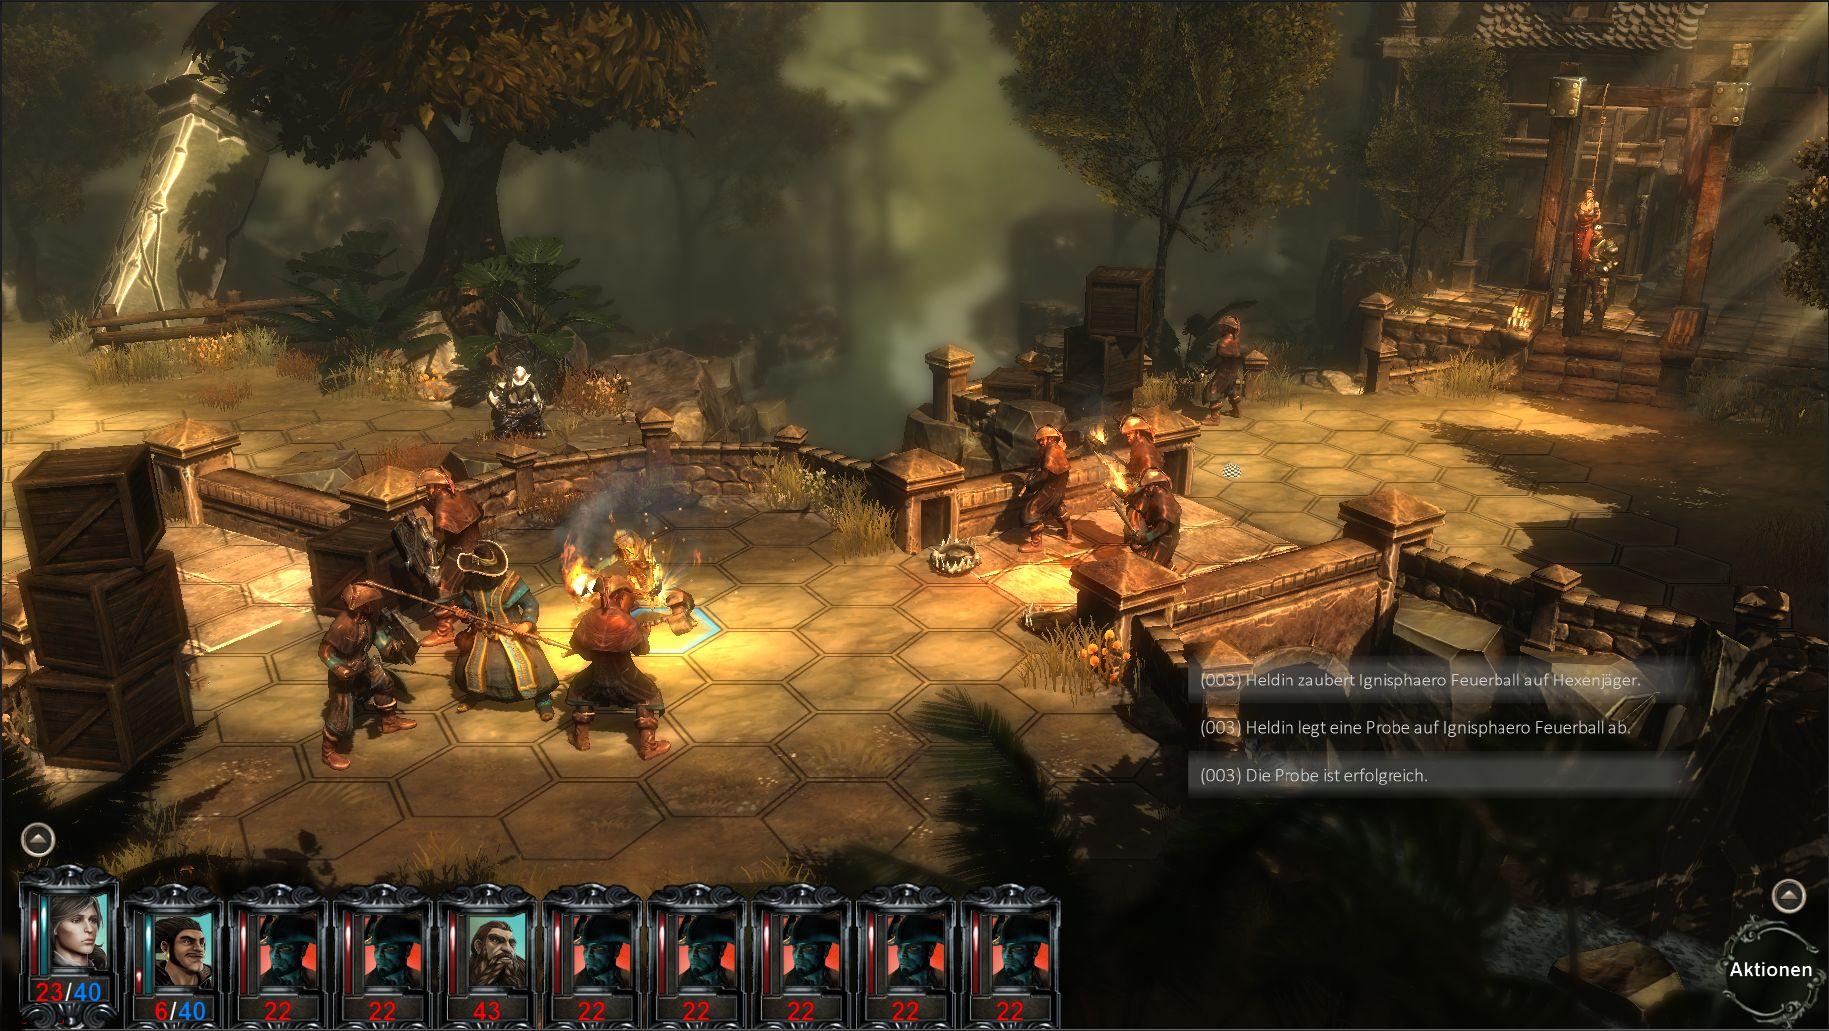 Скриншот Blackguards: Deluxe Edition (2014) PC | RePack от R.G. Механики